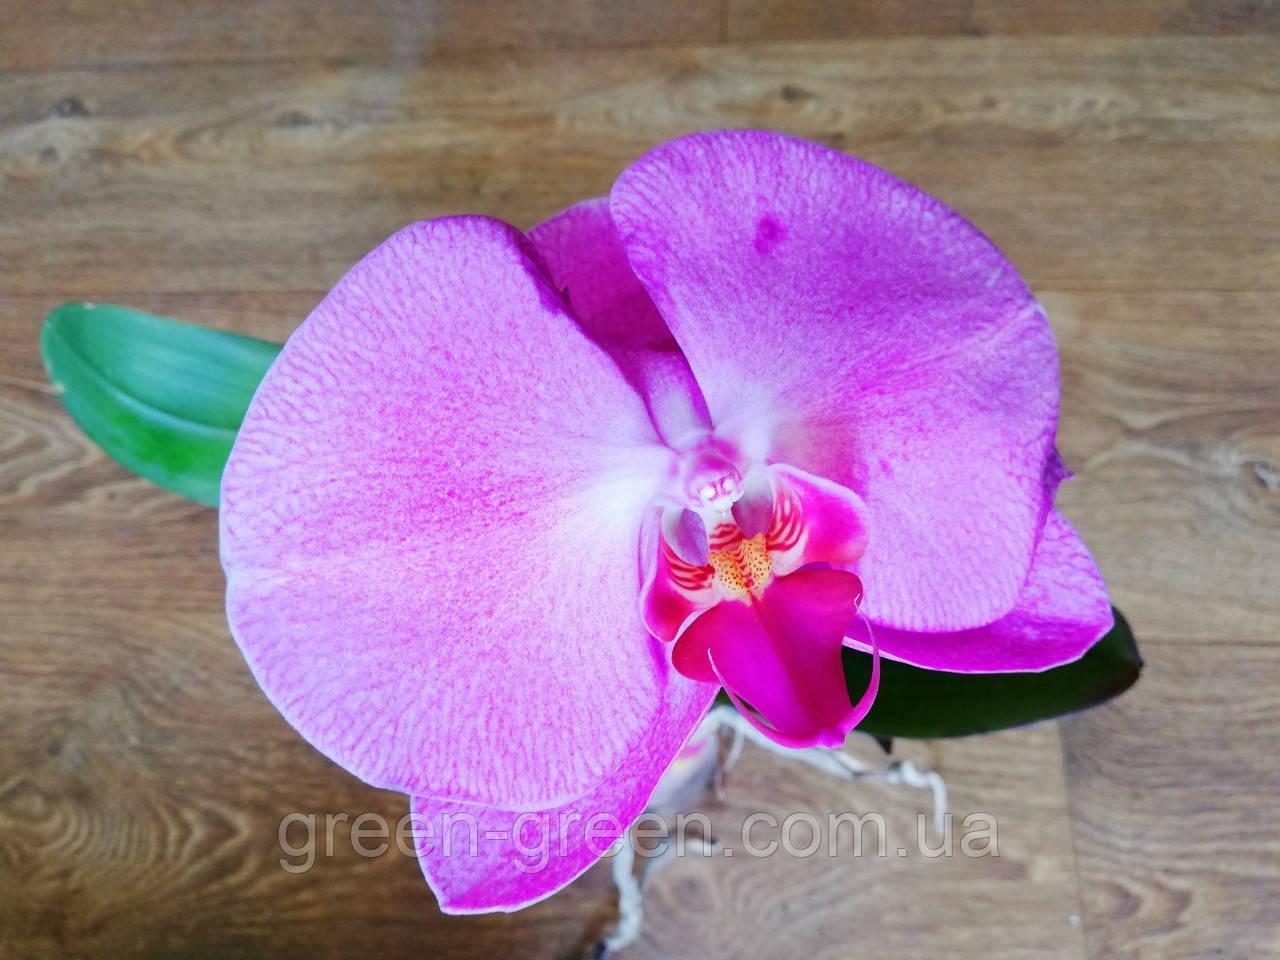 Орхидея Singolo Pink (не цветущая)